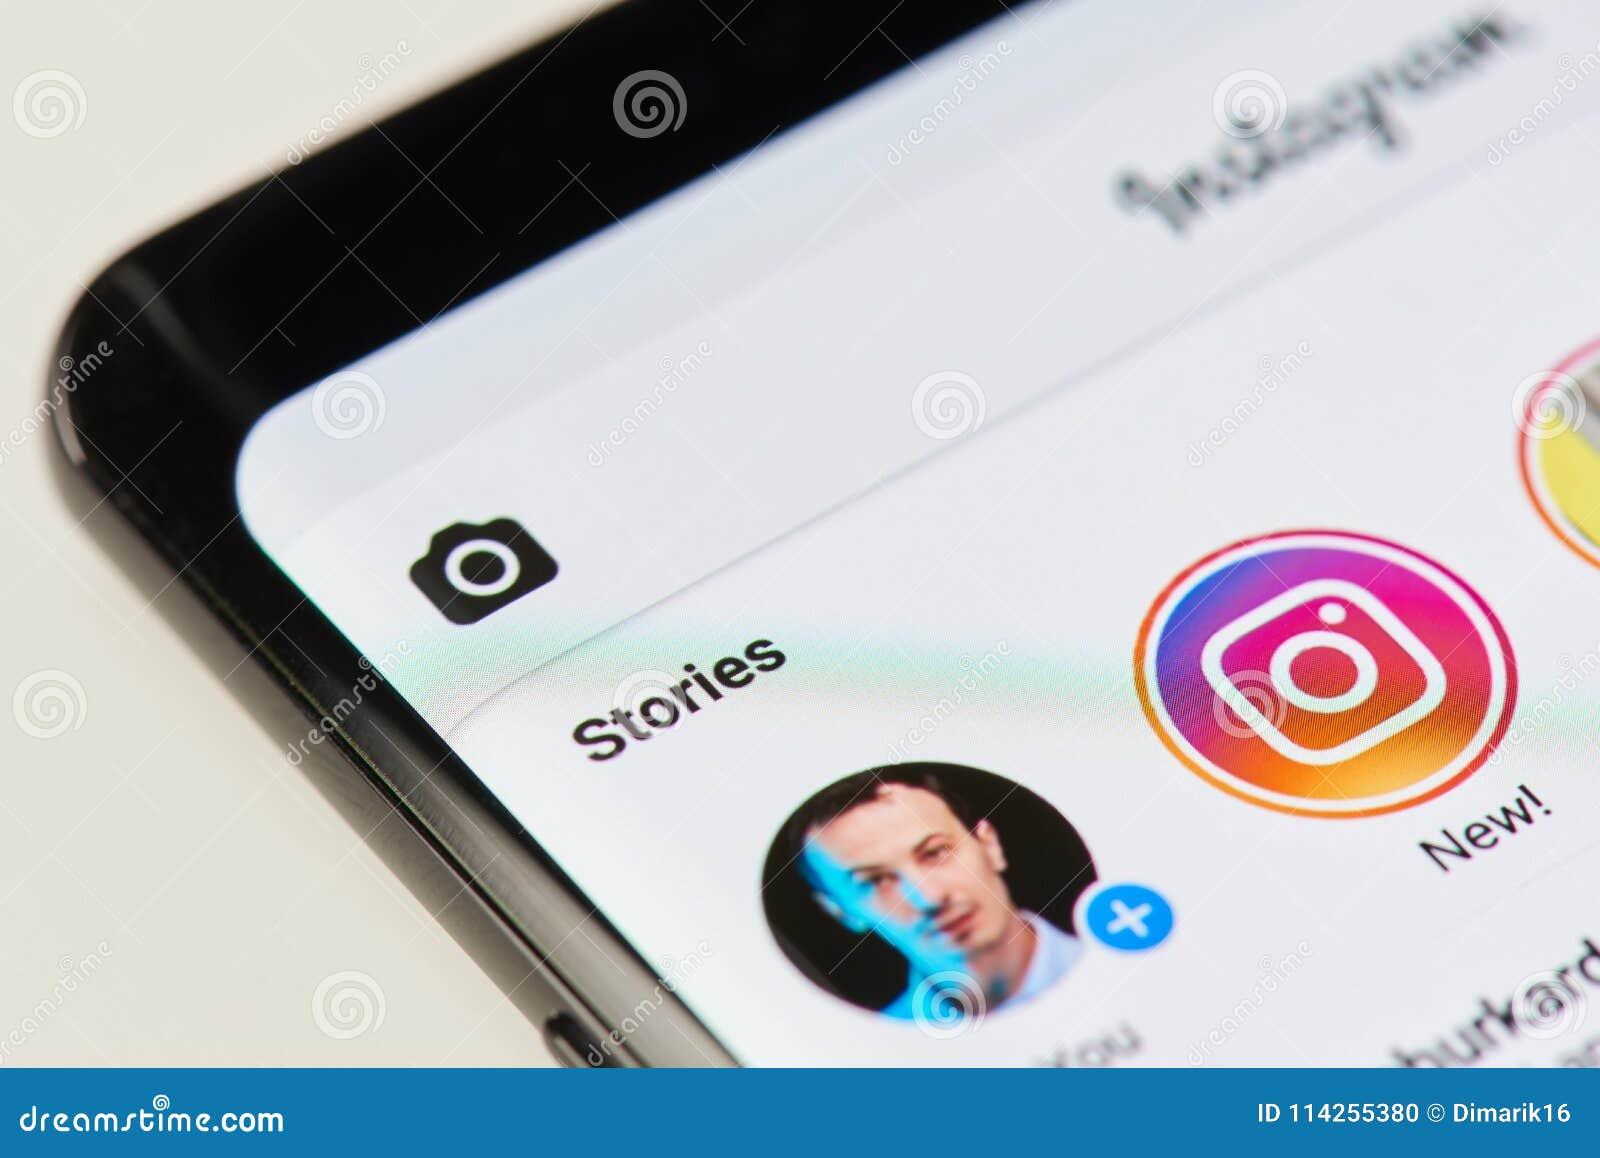 Het toevoegen van nieuw verhaal op instagram app